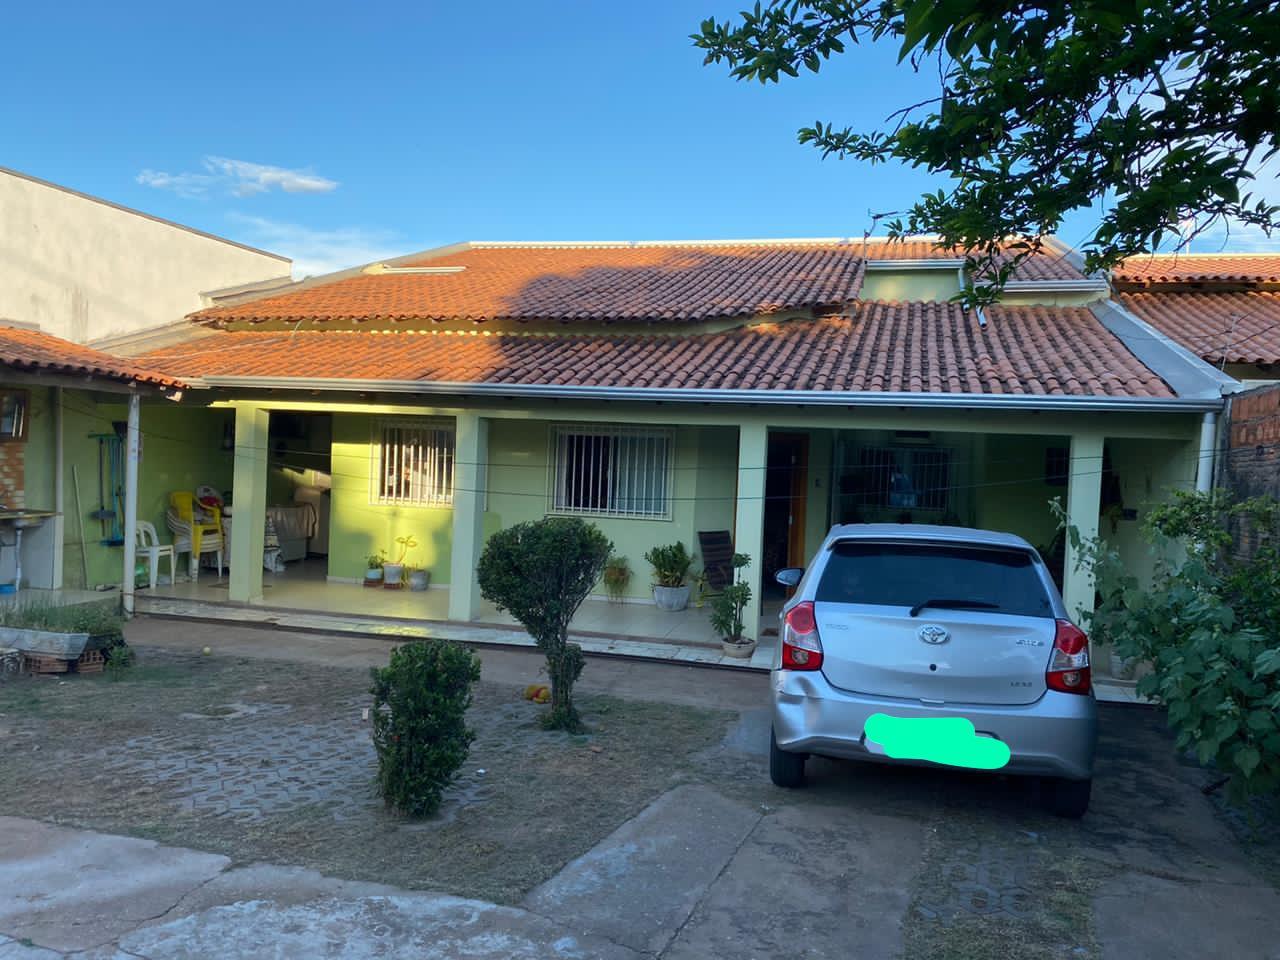 Casa  com 2 quartos sendo 1 Suíte no Morada do Ouro 2, Cuiabá  - MT